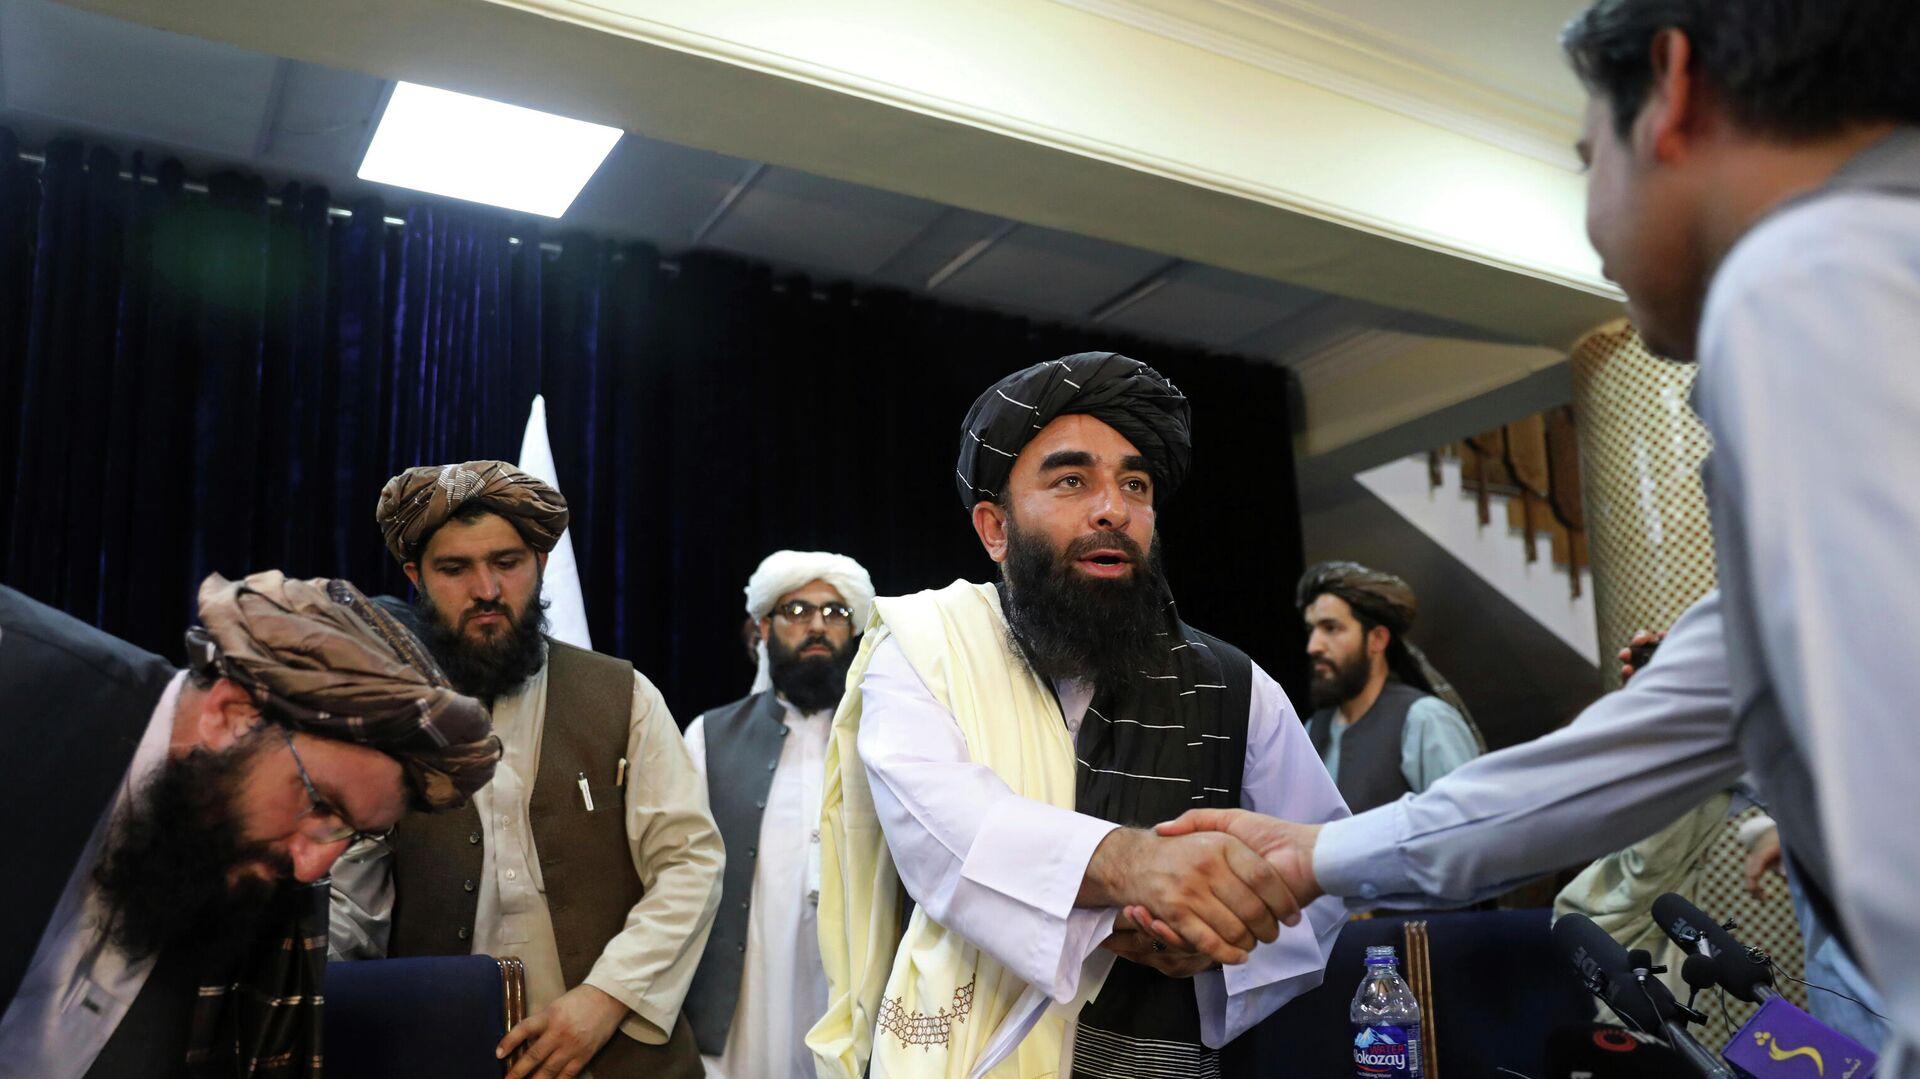 Afganistan'da Taliban dönemi | Örgüt Sözcüsü: Hükümeti oluşturduktan sonra her şey daha net olacak - Sputnik Türkiye, 1920, 31.08.2021